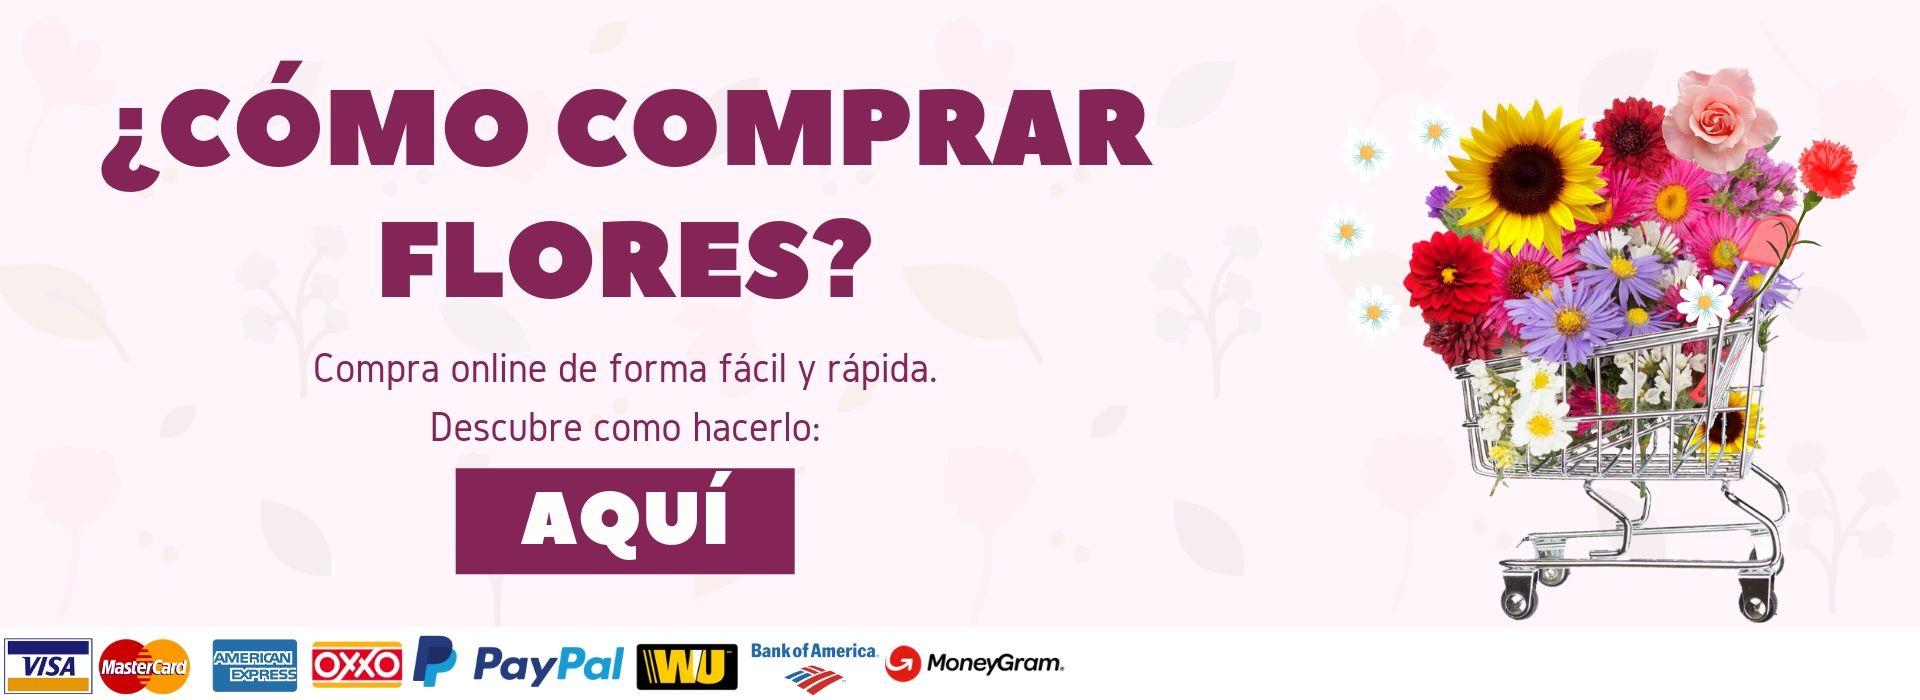 ¿Cómo comprar flores en Puebla?